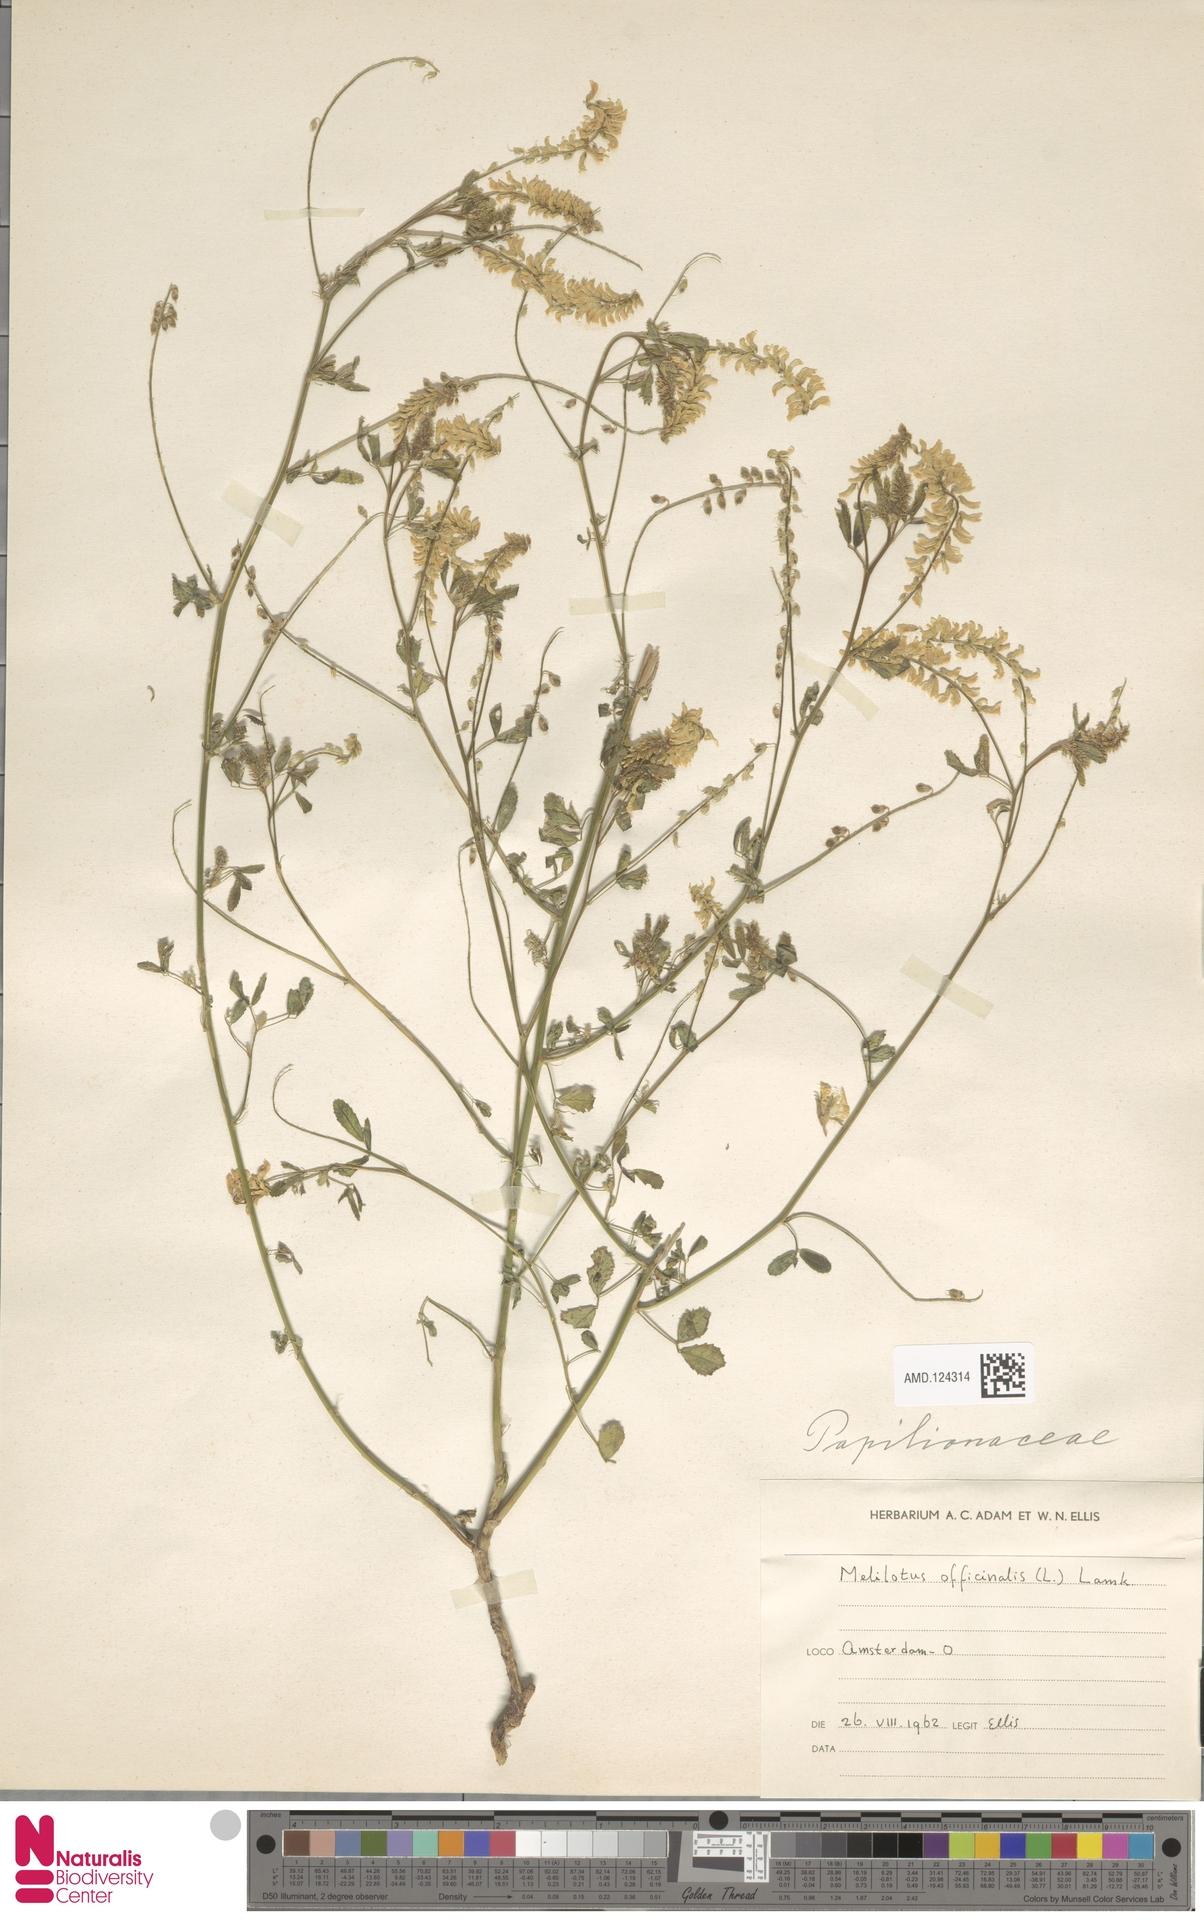 AMD.124314 | Melilotus officinalis (L.) Pall.